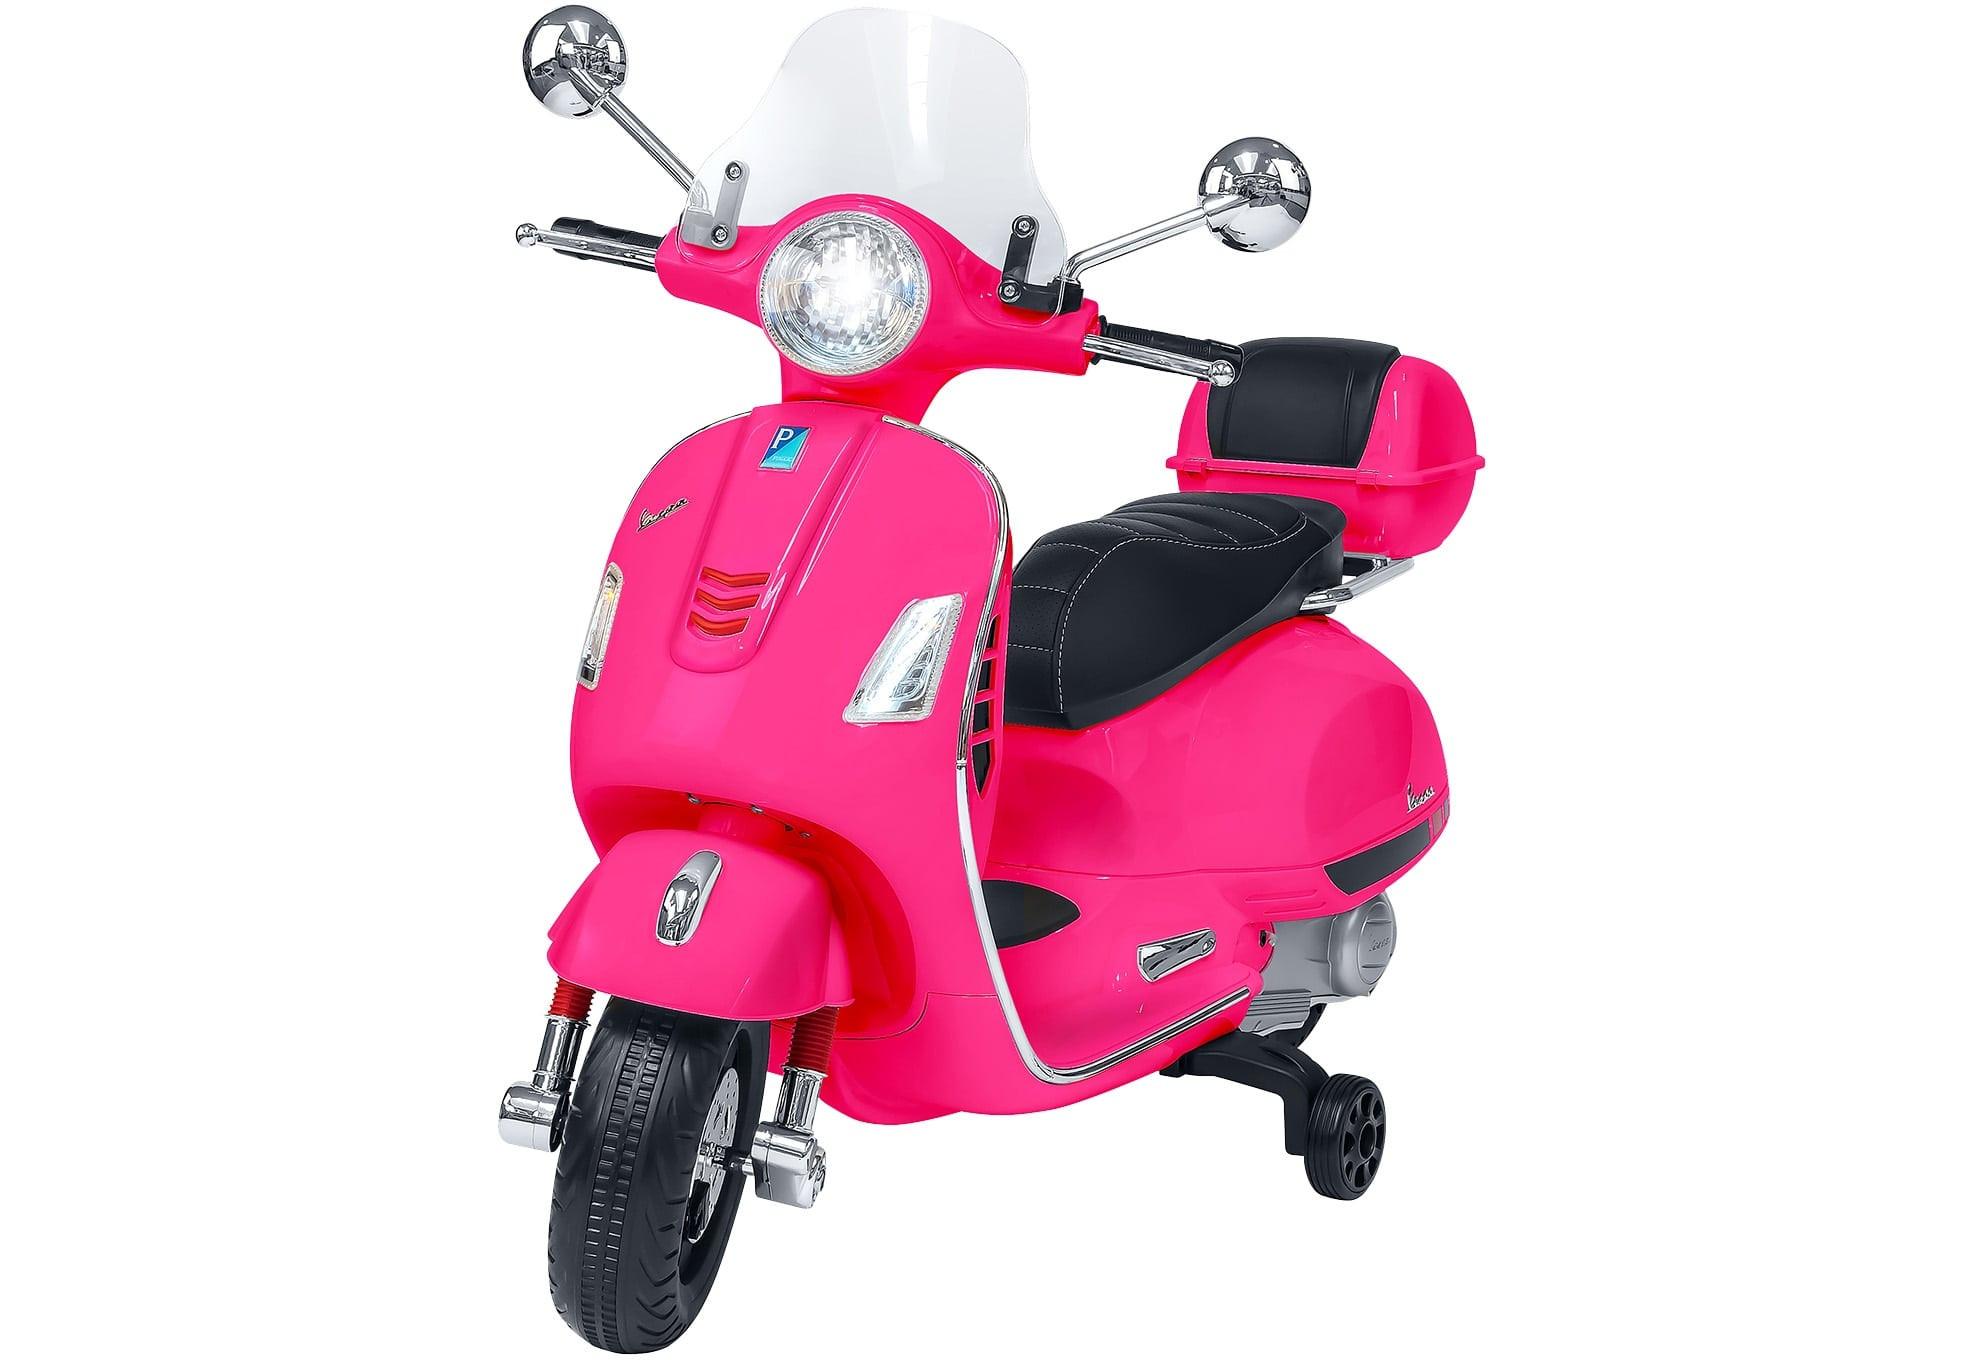 Moto Elettrica Vespa Primavera Piaggio - Rosa